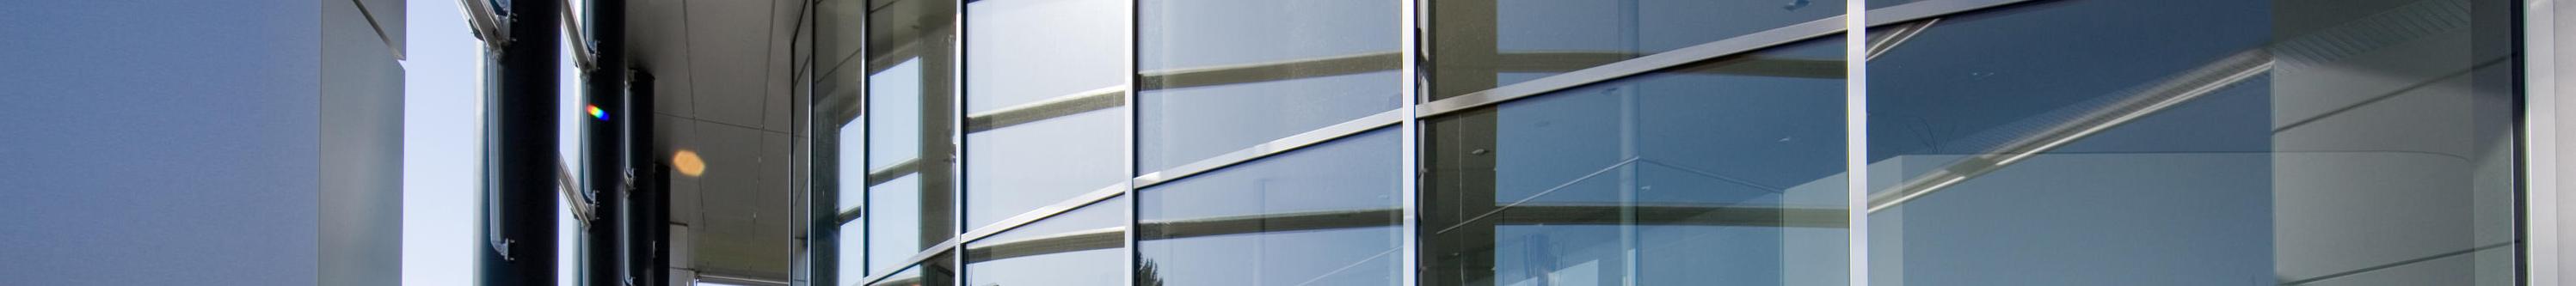 Стоечно-ригельное остекление СИАЛ и ALT-F50